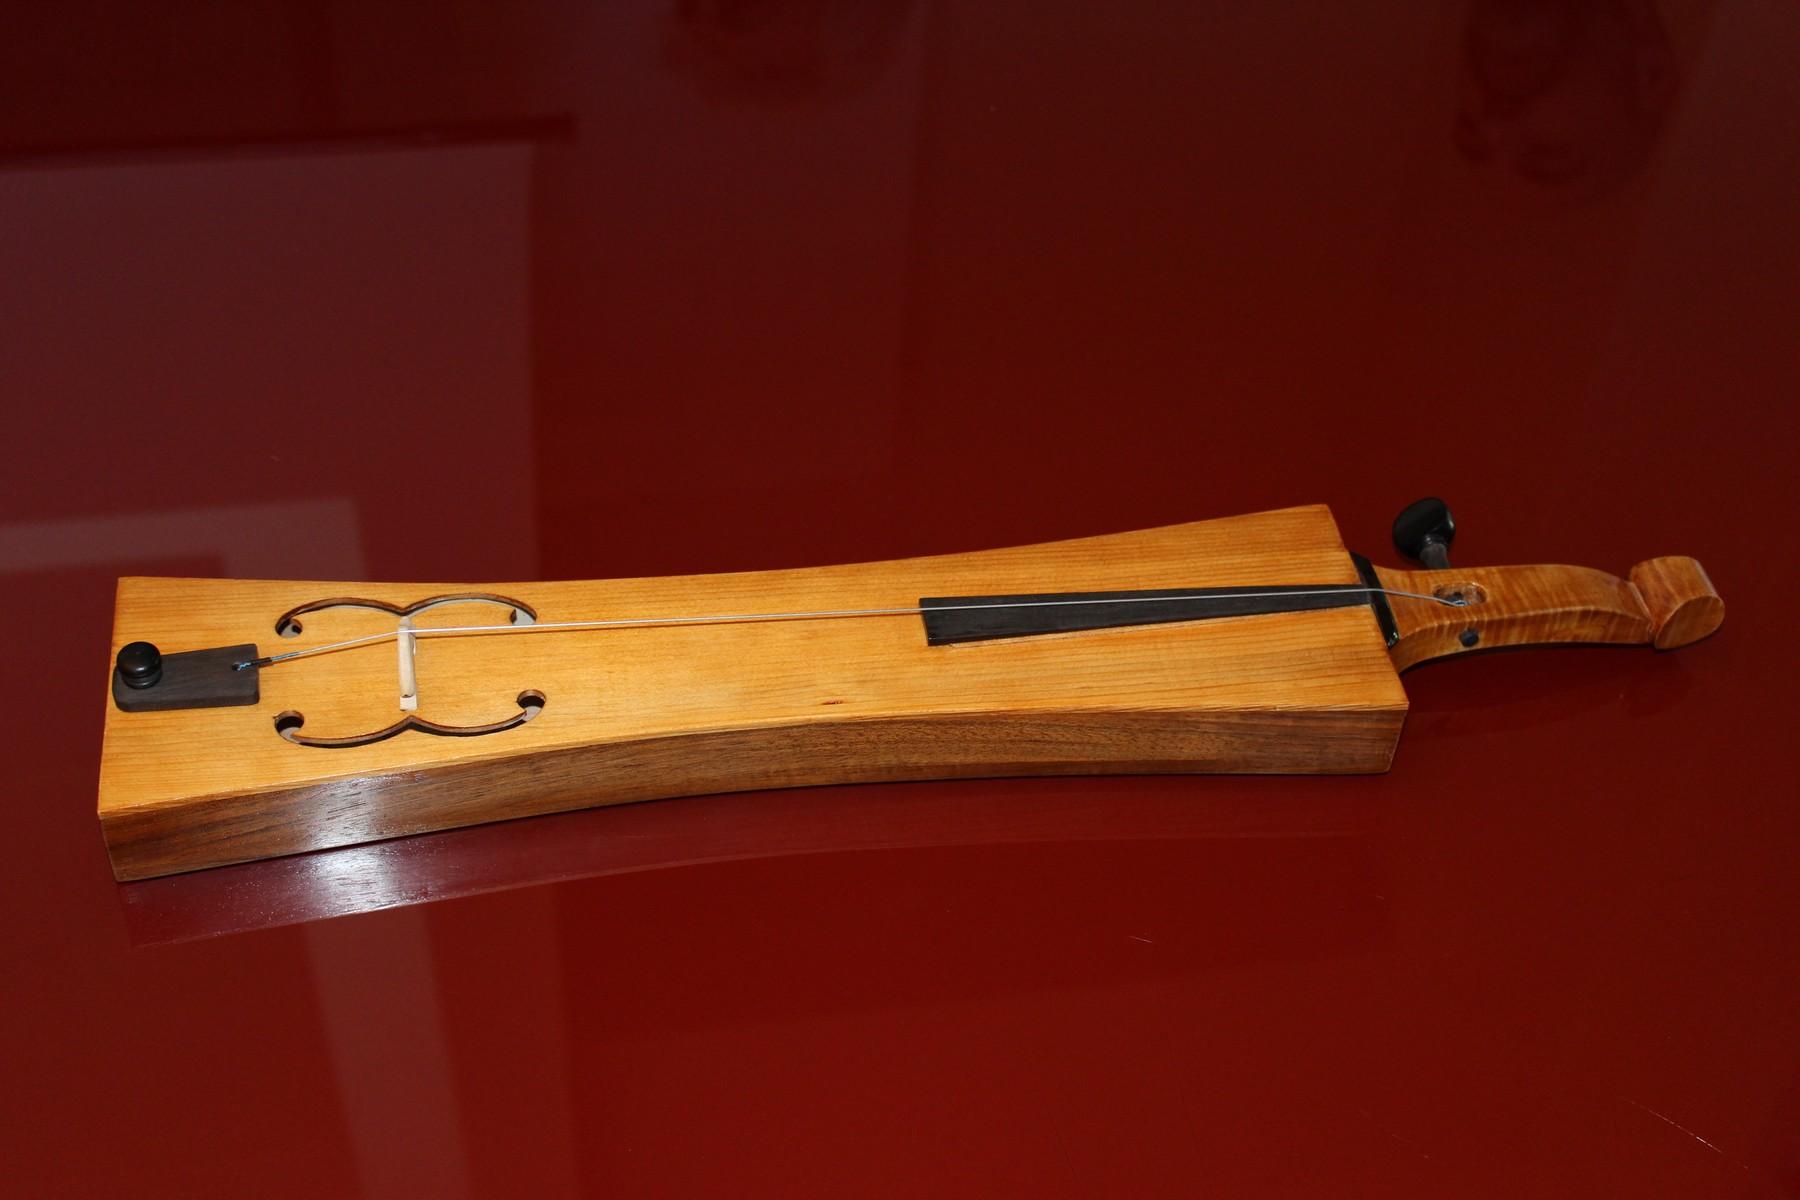 Portiamo la musica e il violino nelle scuole: abbiamo approvato il protocollo d'intesa